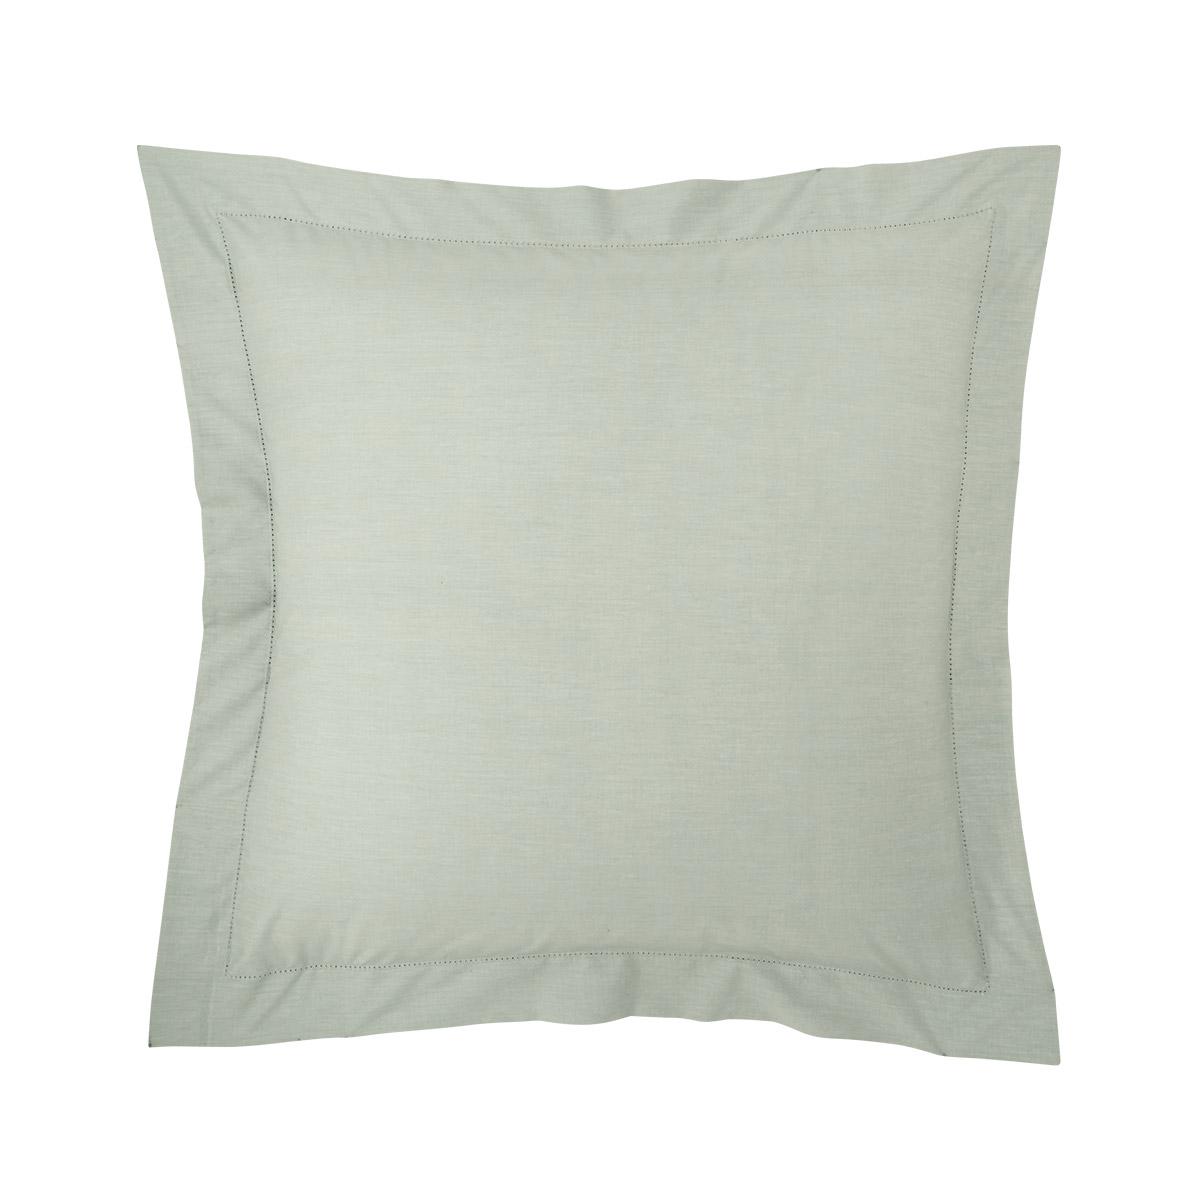 Taie d'oreiller percale Vert 65 x 65 cm